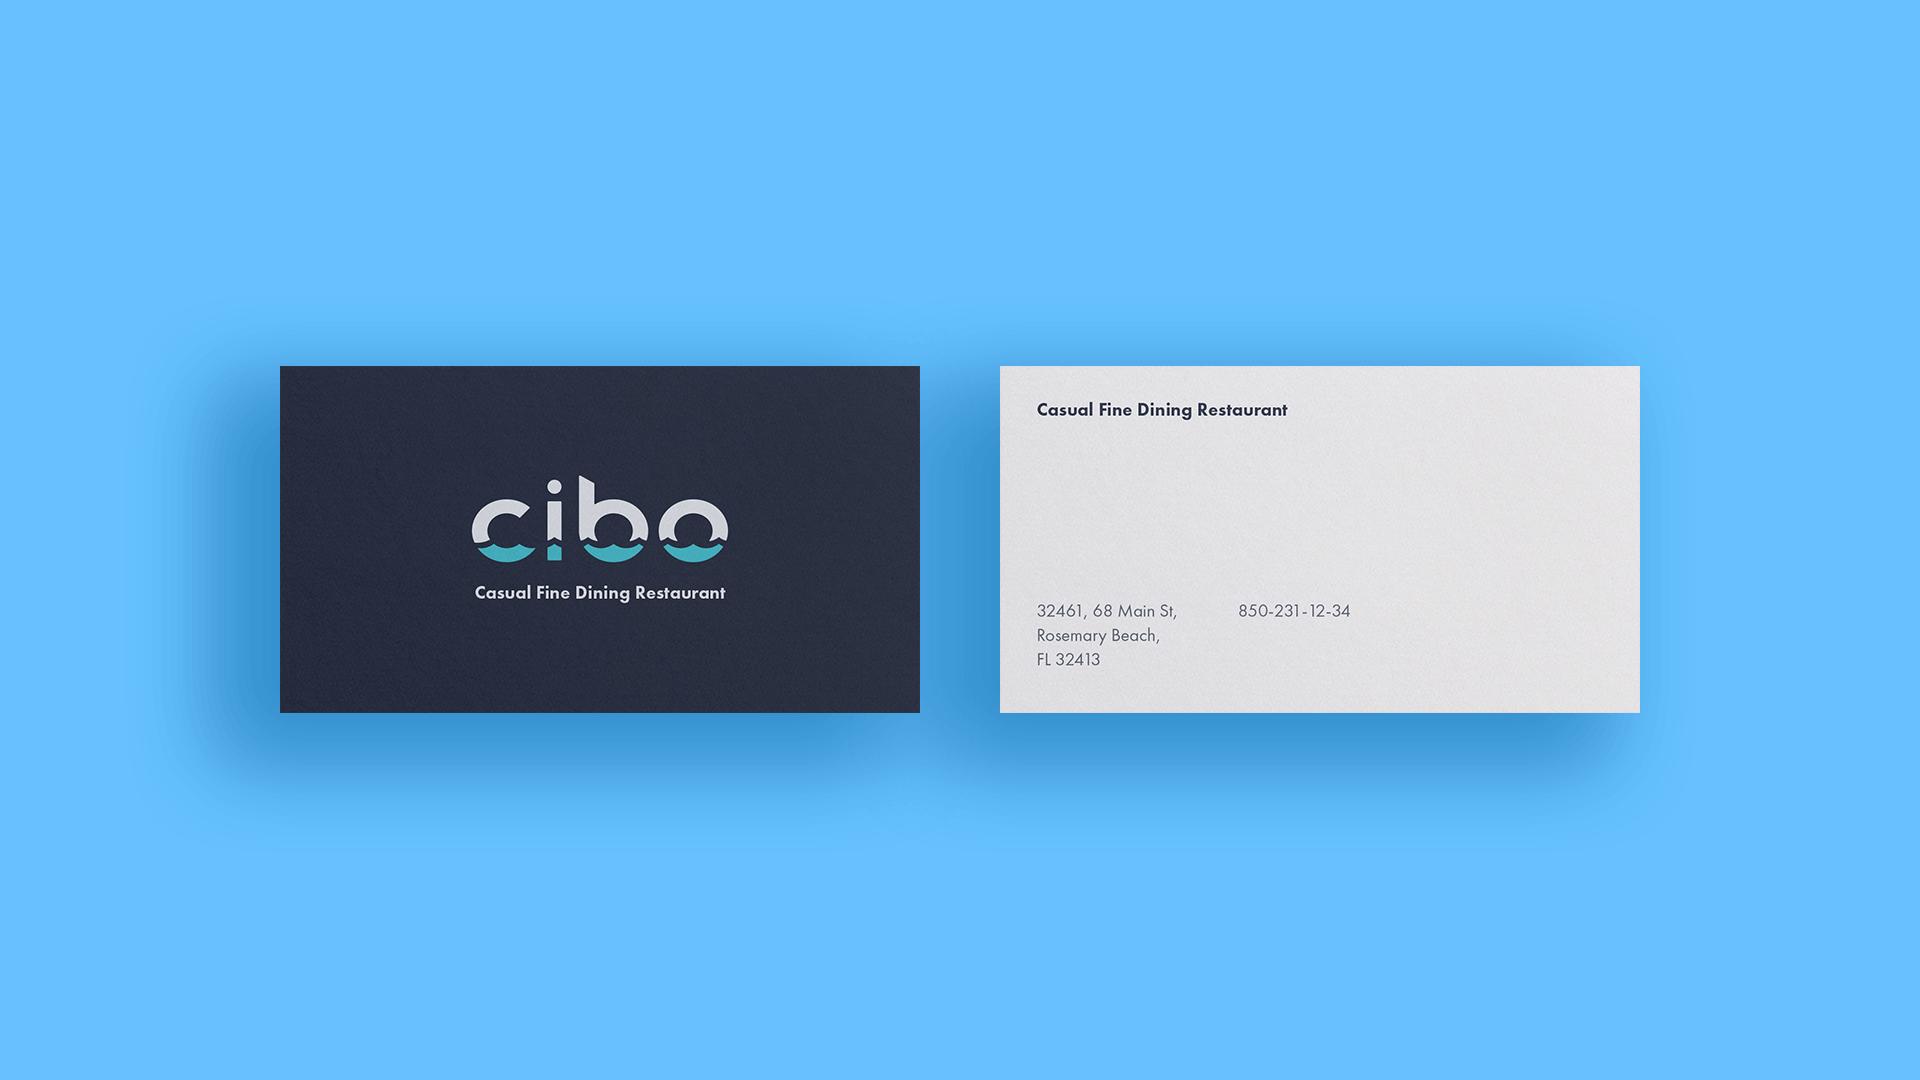 cibo-logo-design